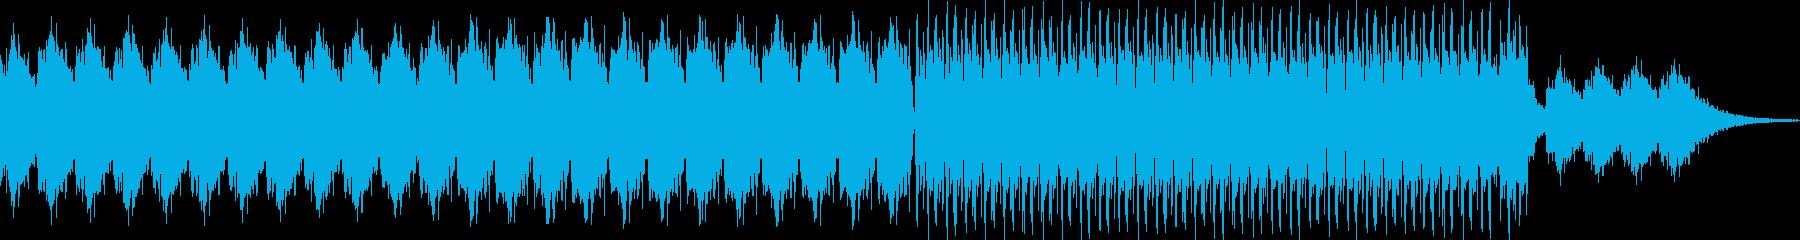 アンビエントの再生済みの波形